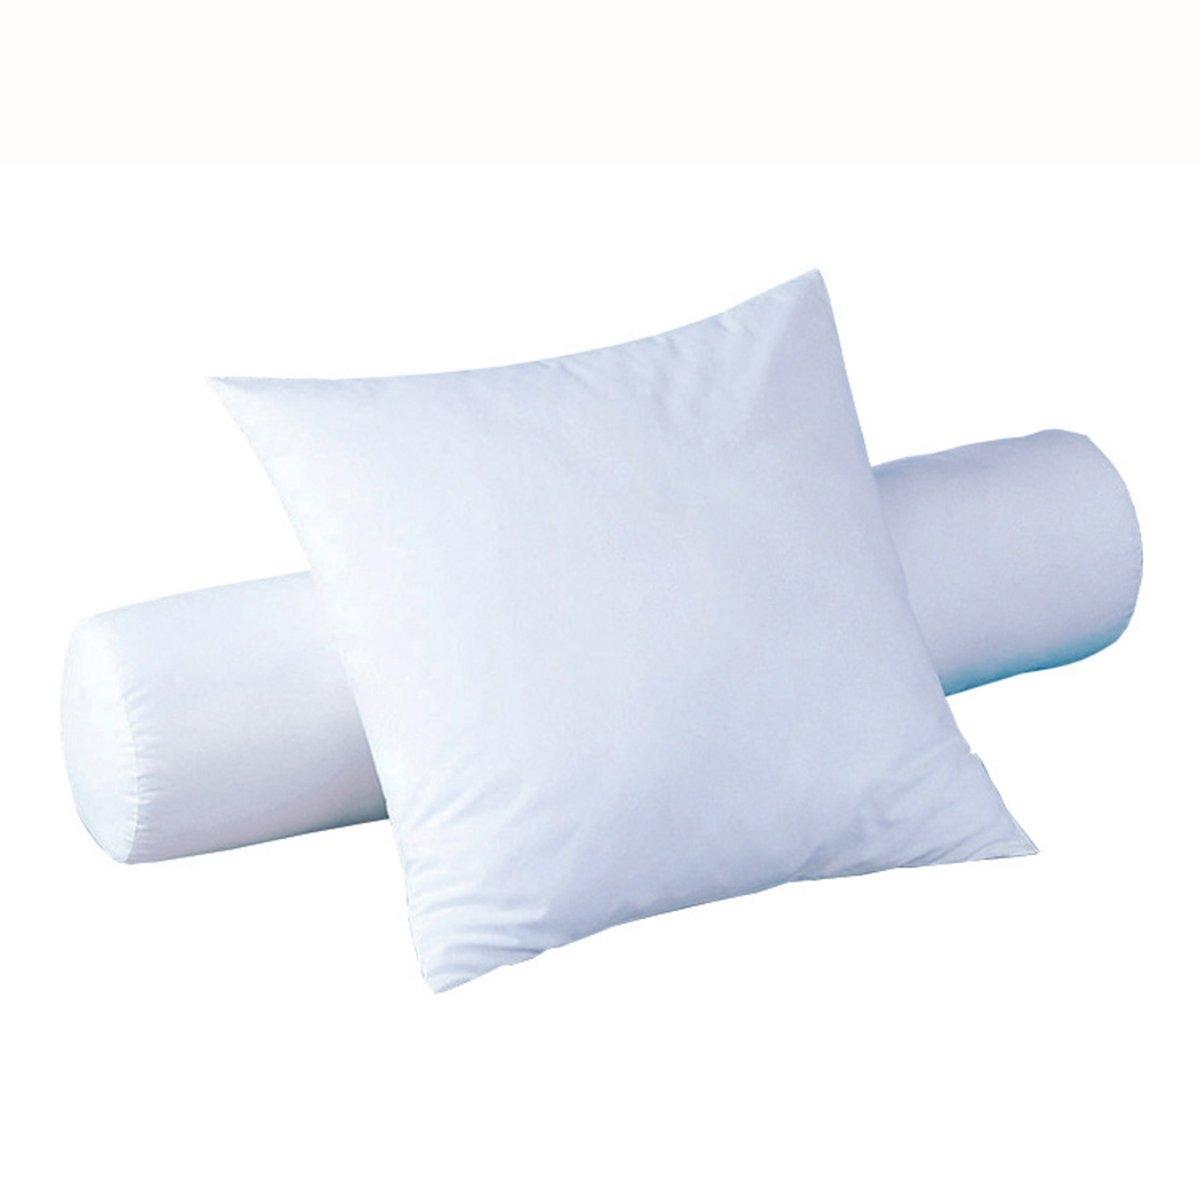 Подушка мягкая из синтетики от La Redoute